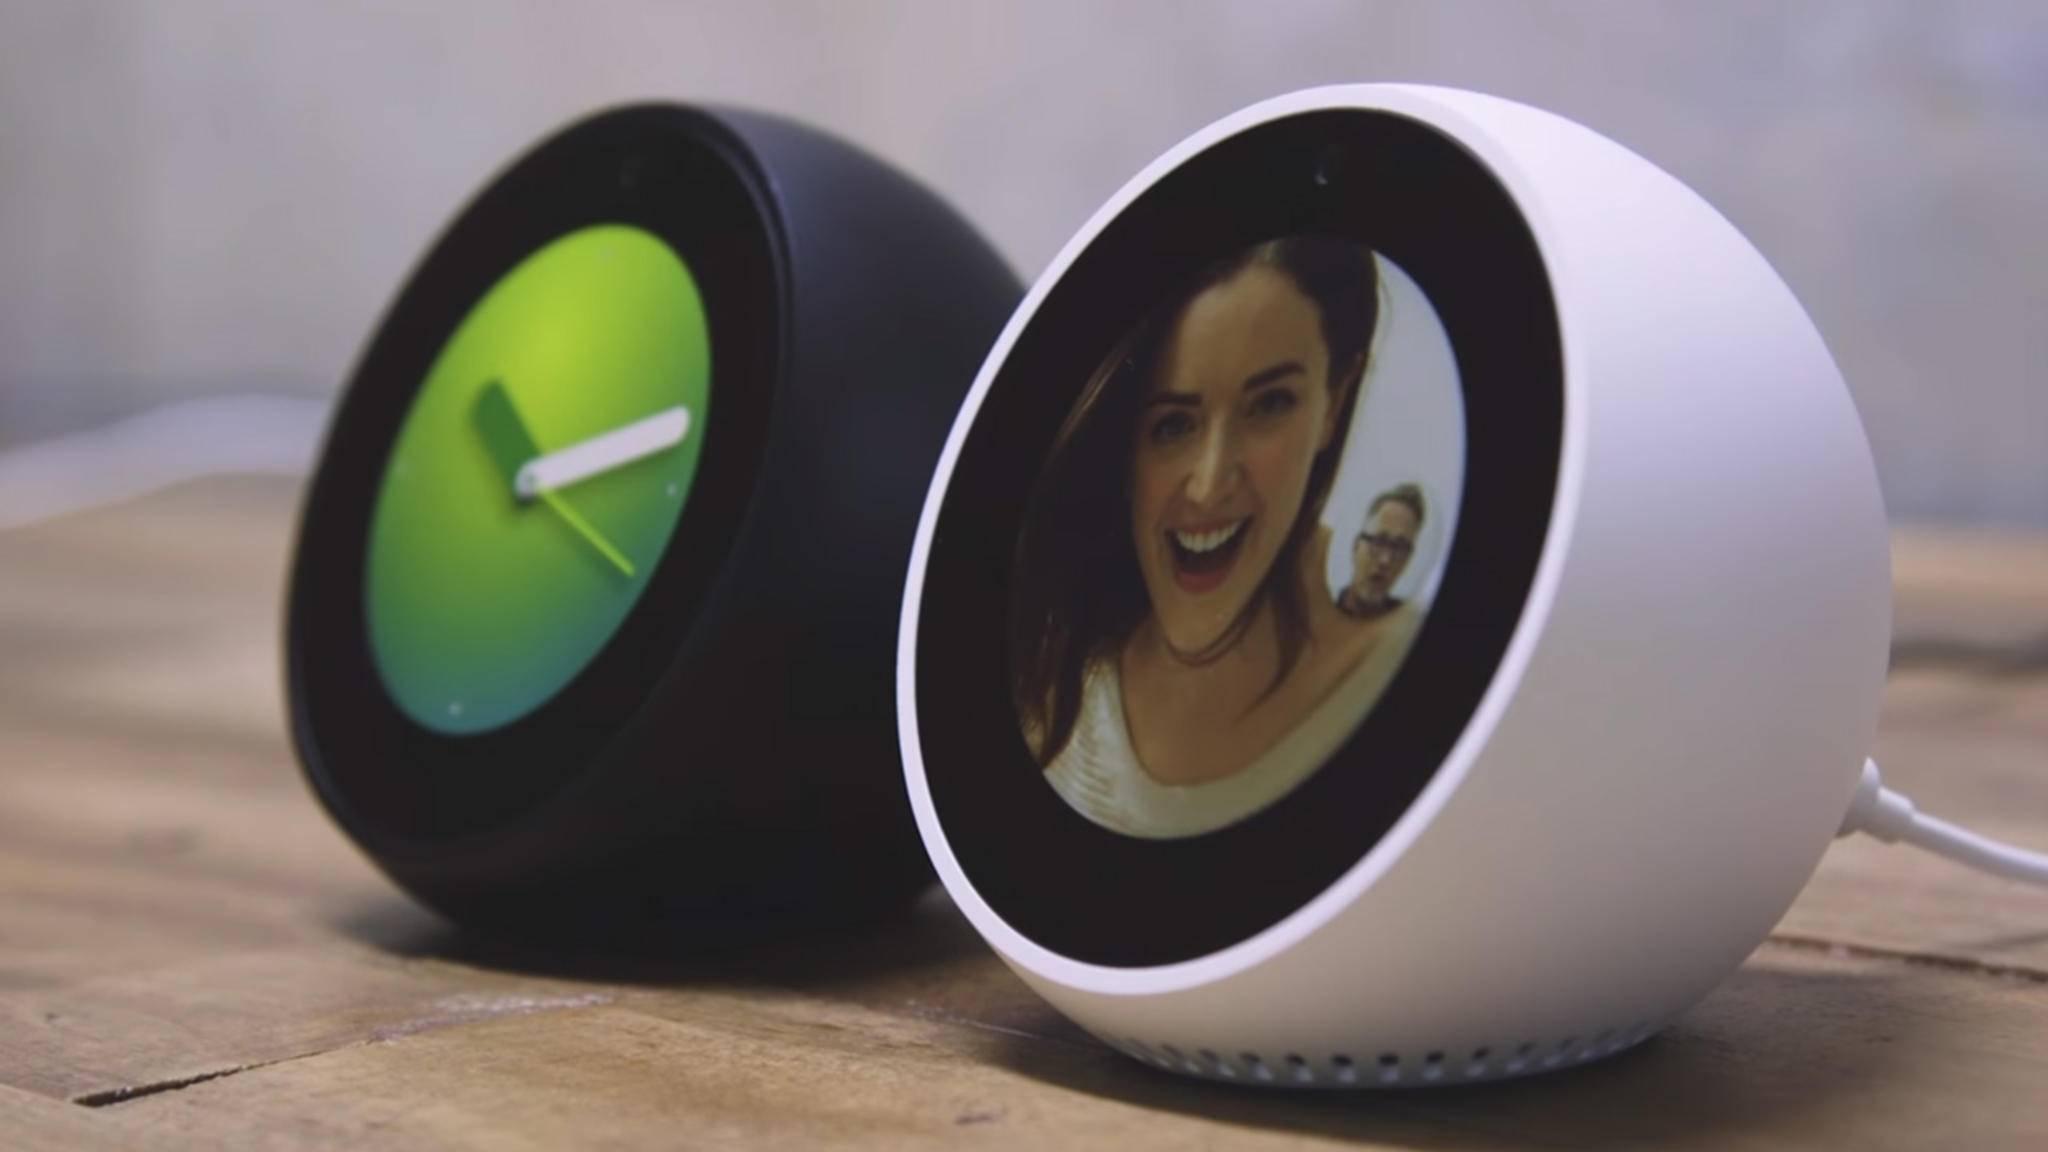 Der Echo Spot ist ein Wecker mit integriertem Display und Sprachsteuerung.